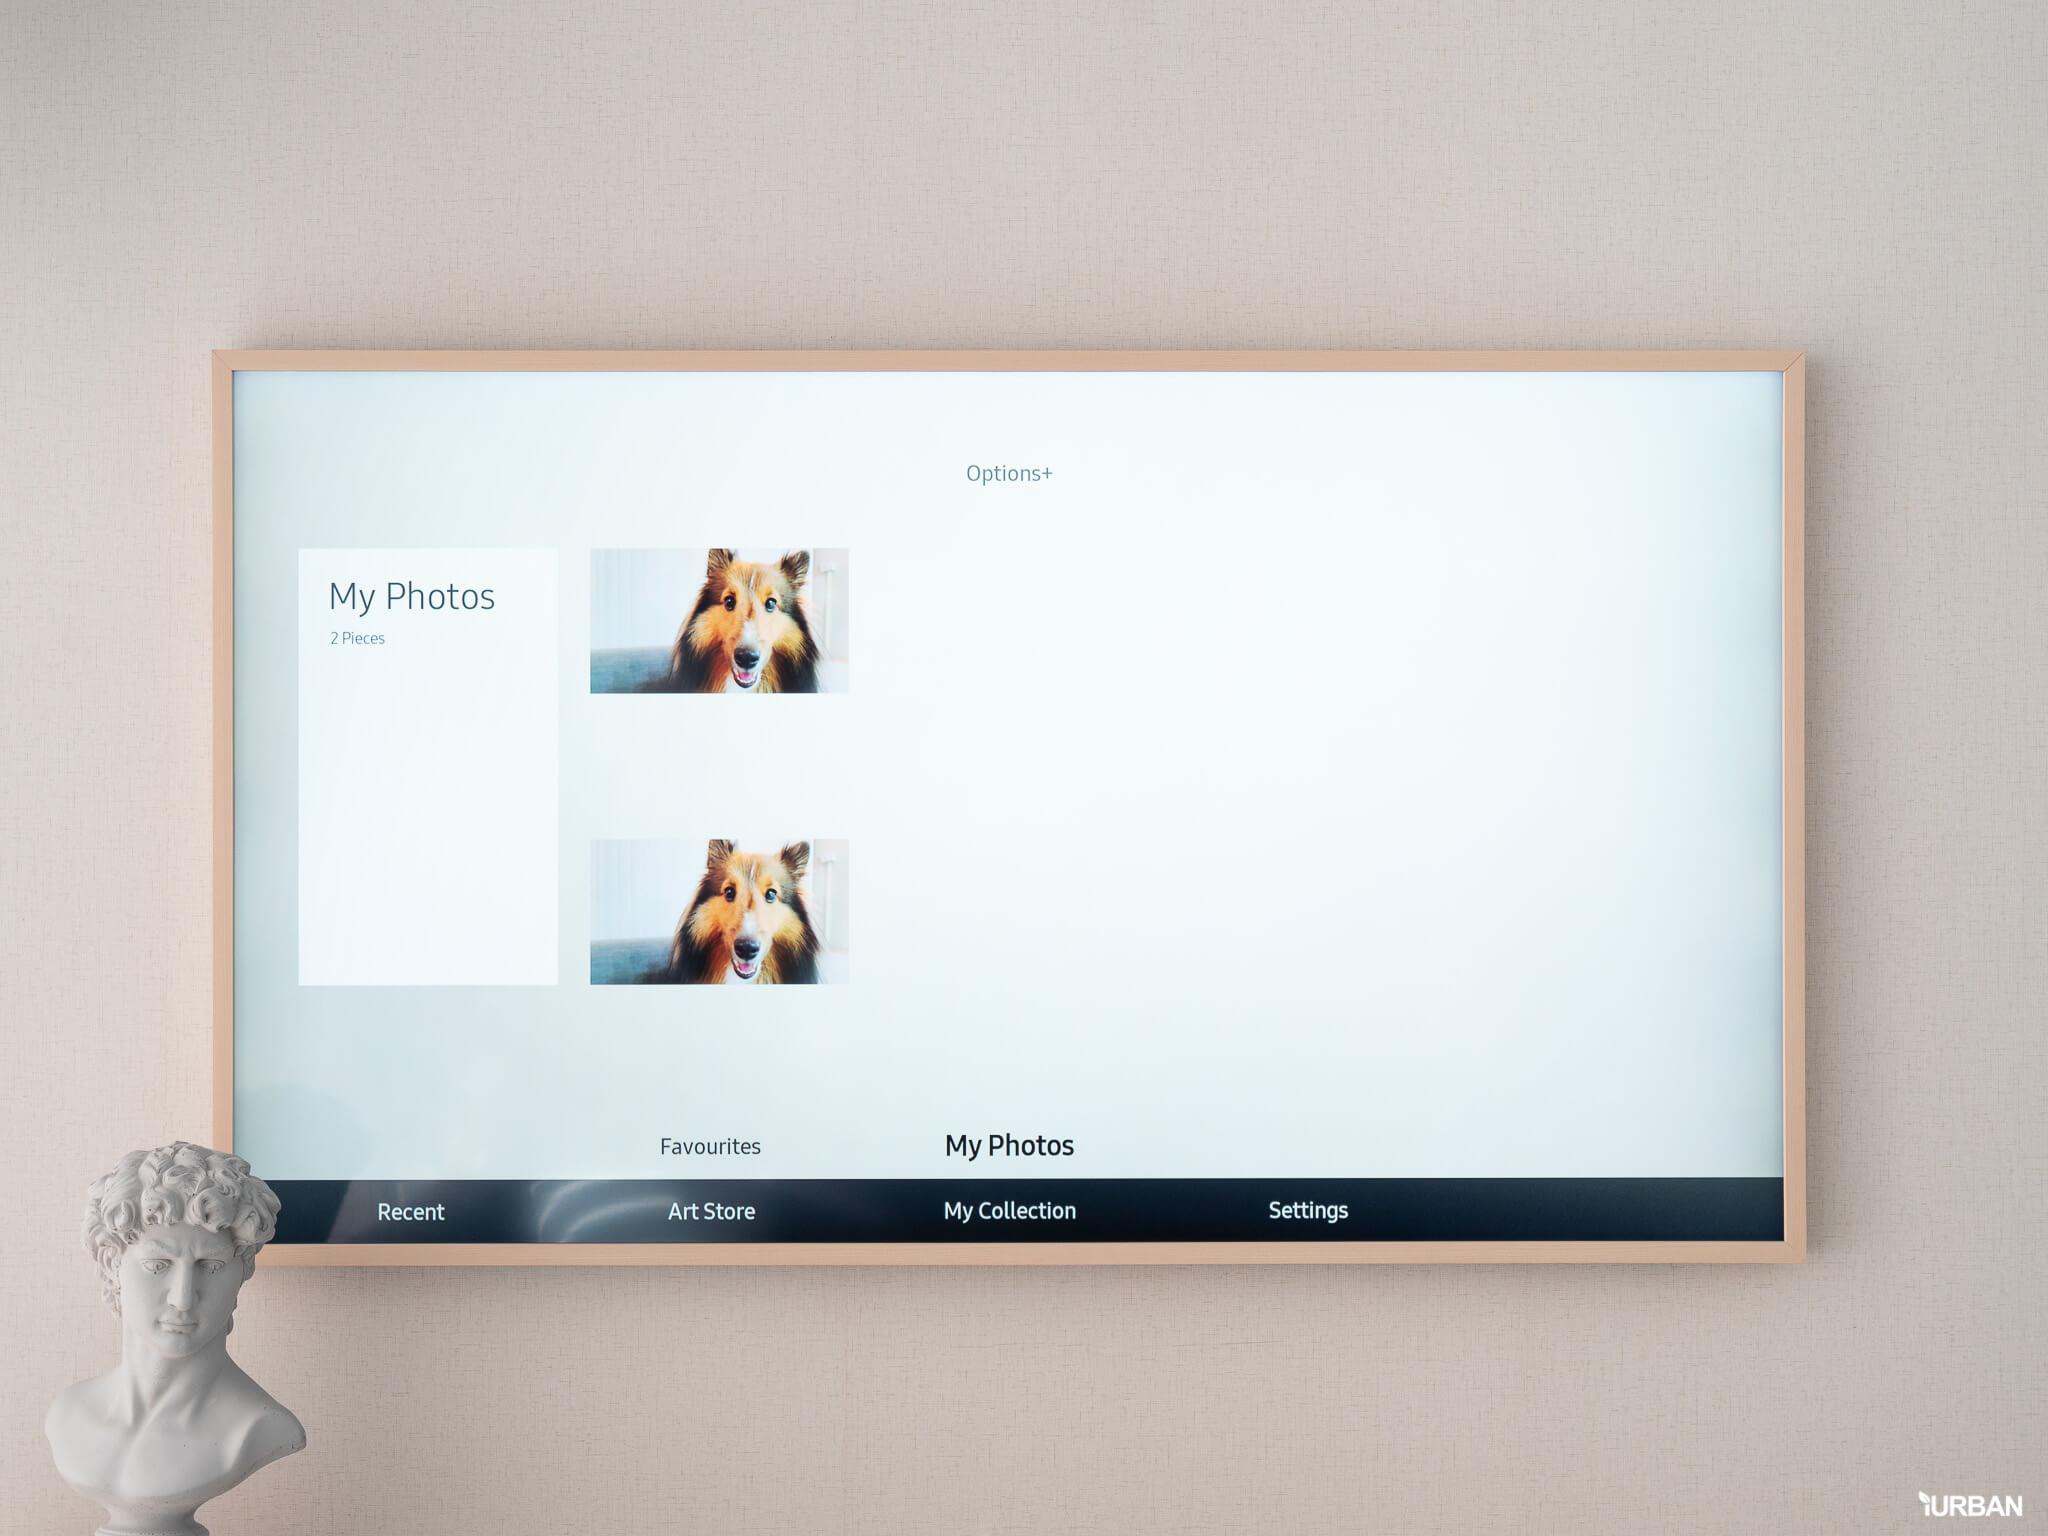 รีวิว 3 ทีวีที่สวยที่สุดเจนเนอเรชั่นนี้ The Frame The Serif และ The Sero 40 - decor